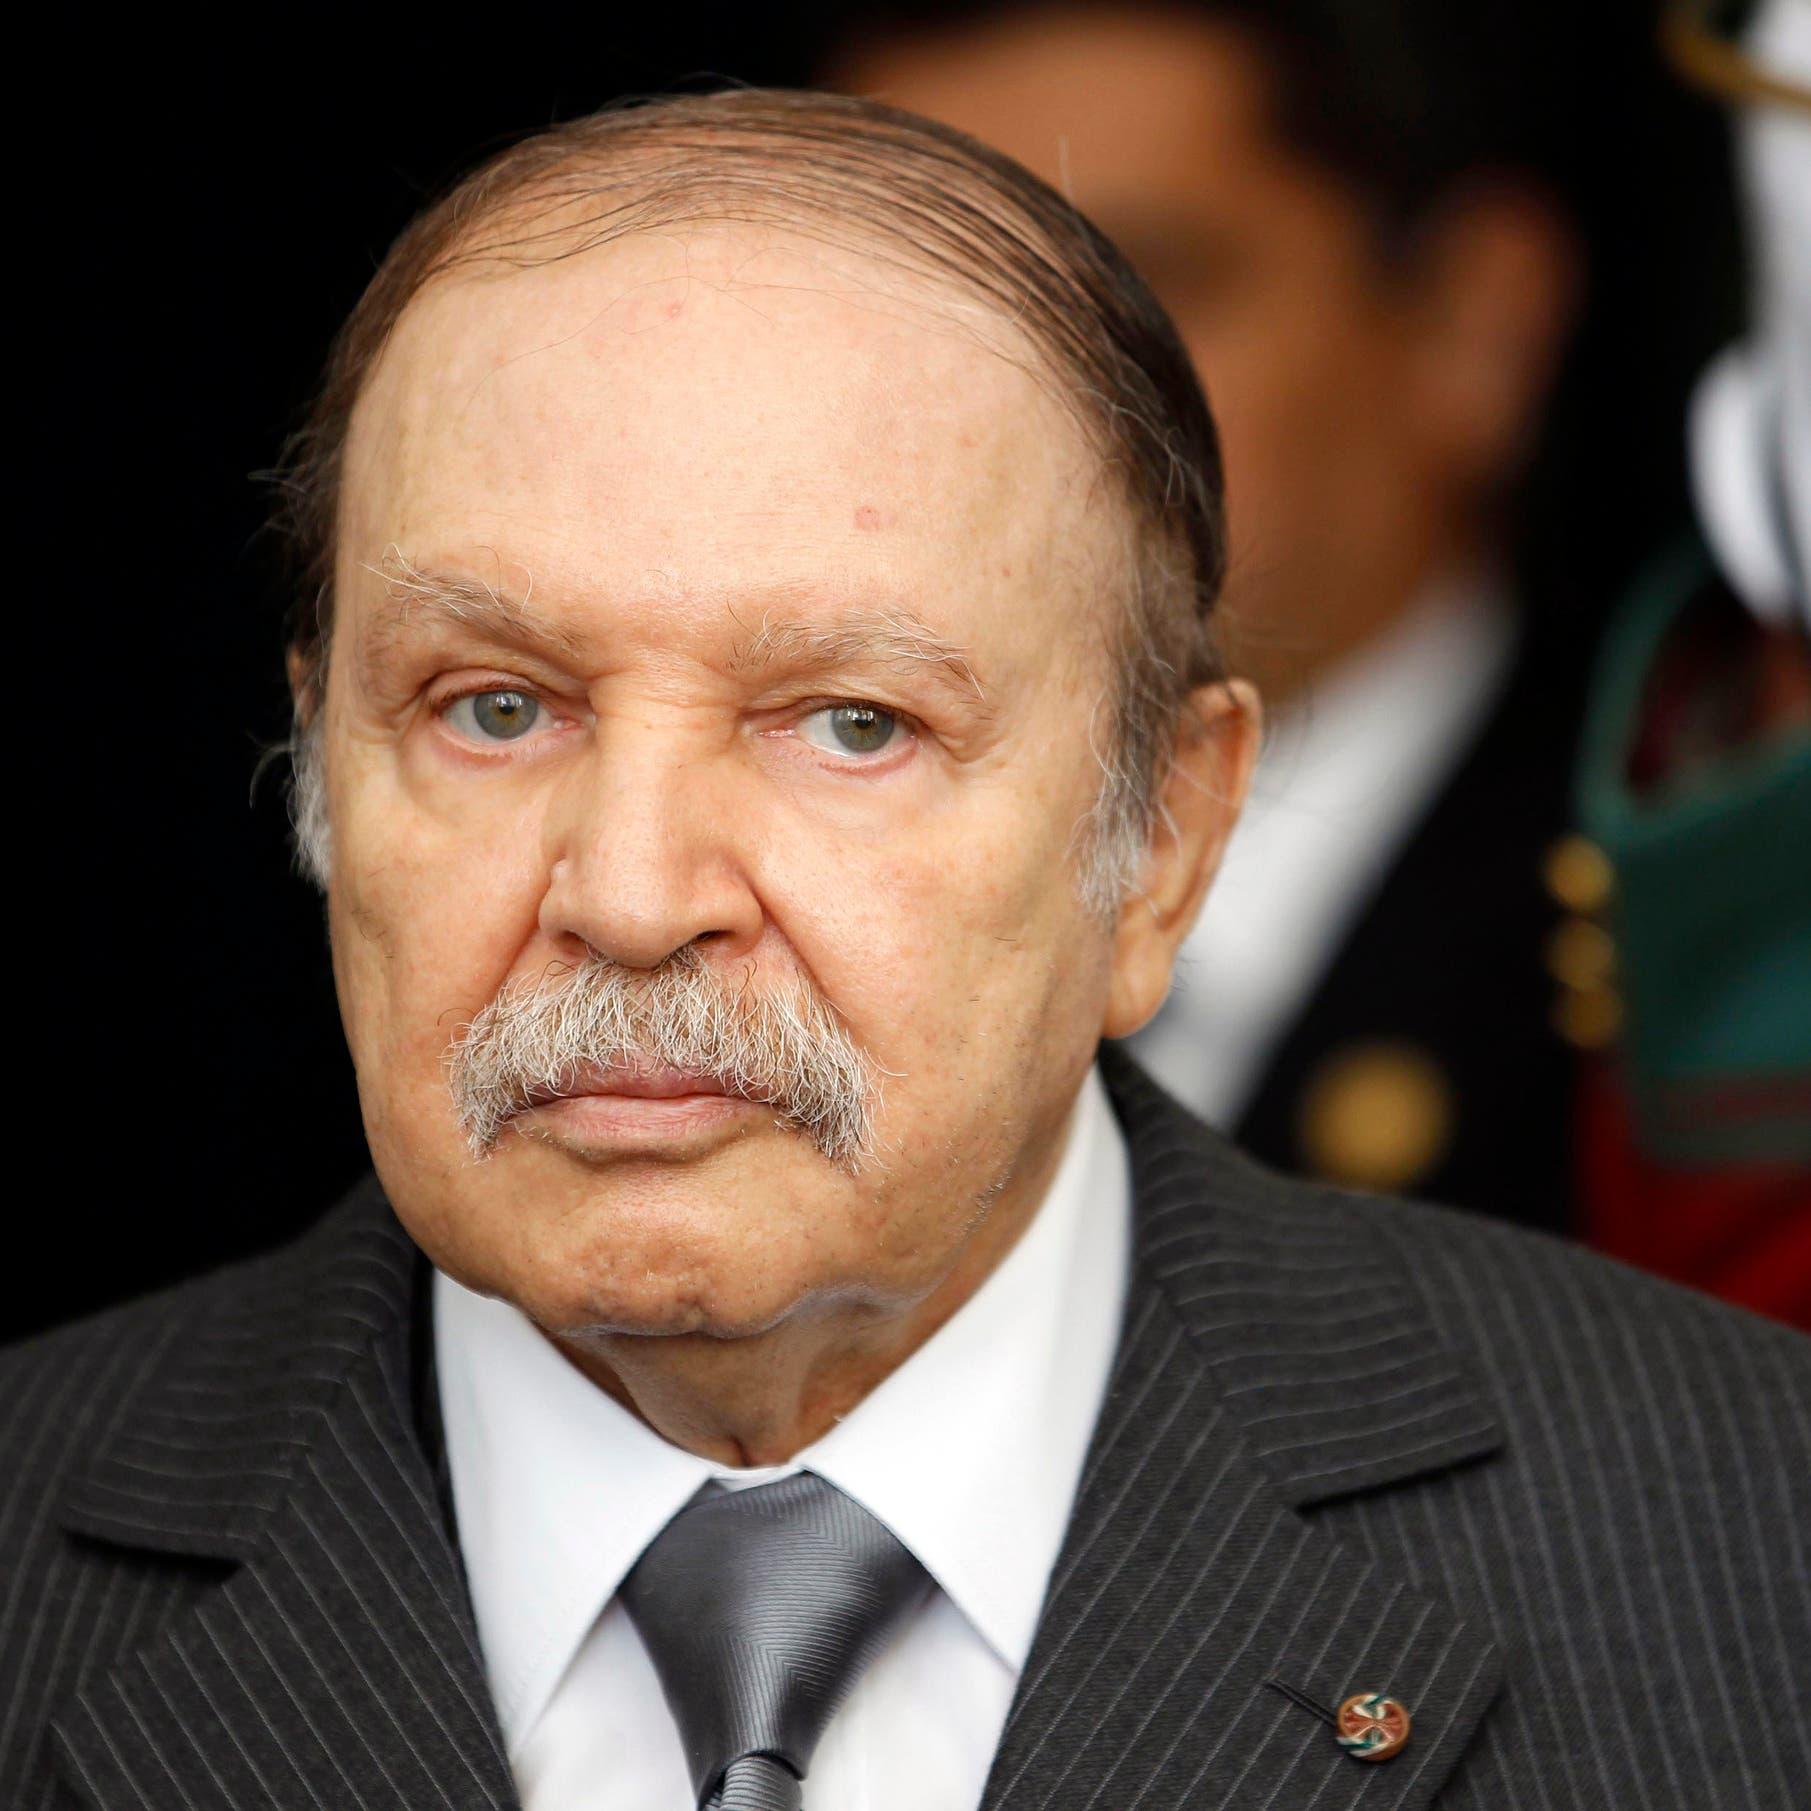 الرئيس الجزائري عبد العزيز بوتفليقة يقدم استقالته